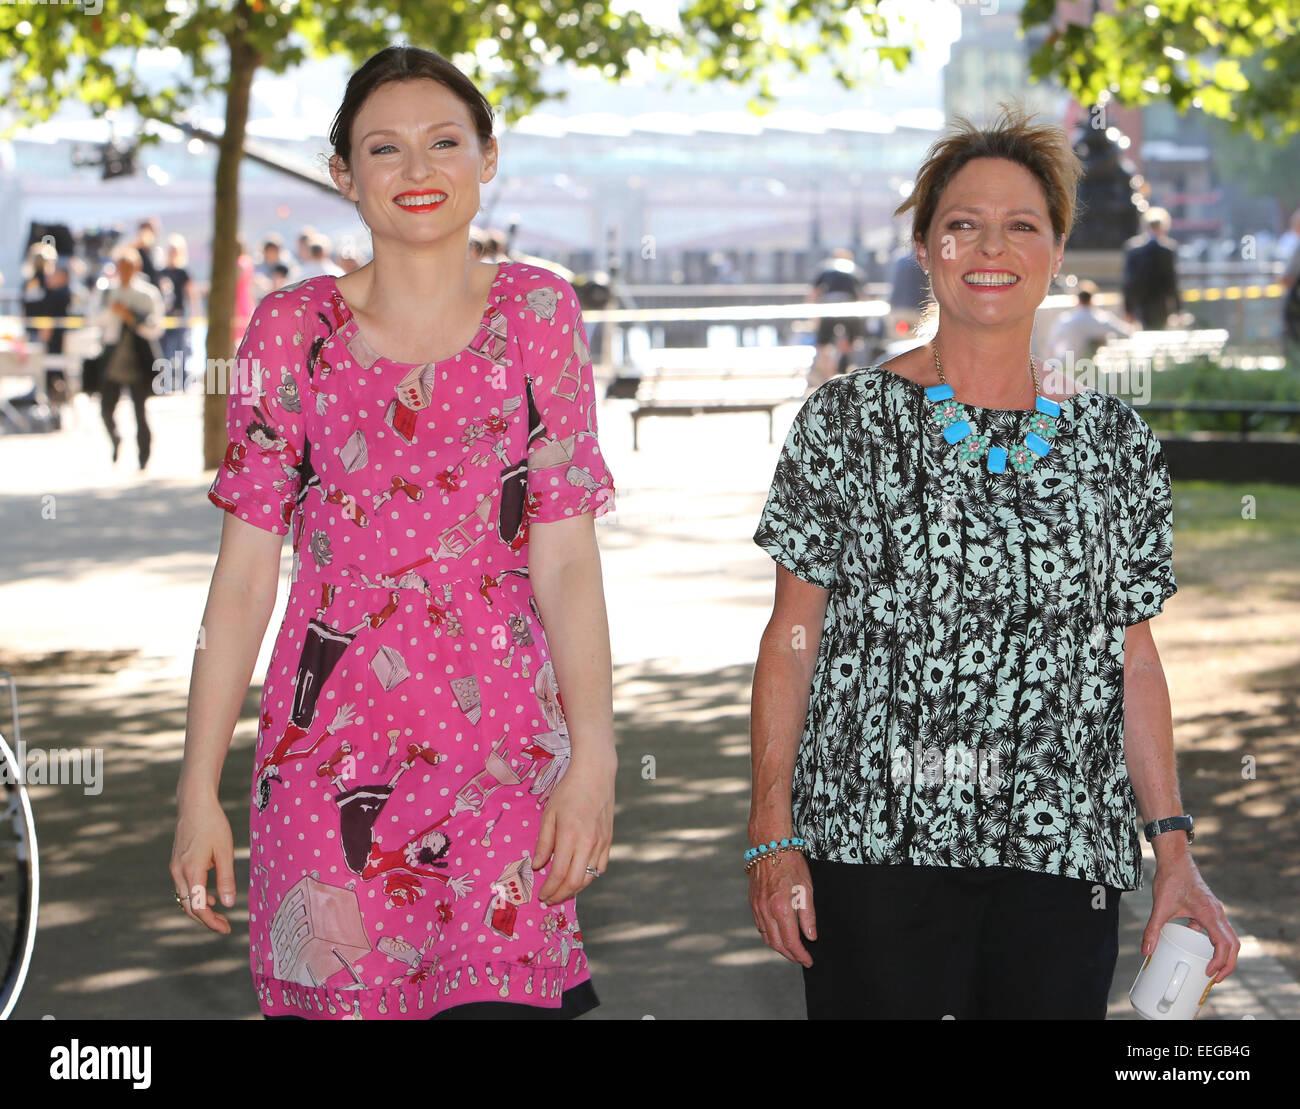 Mother Of Sophie Imágenes De Stock & Mother Of Sophie Fotos De Stock ...